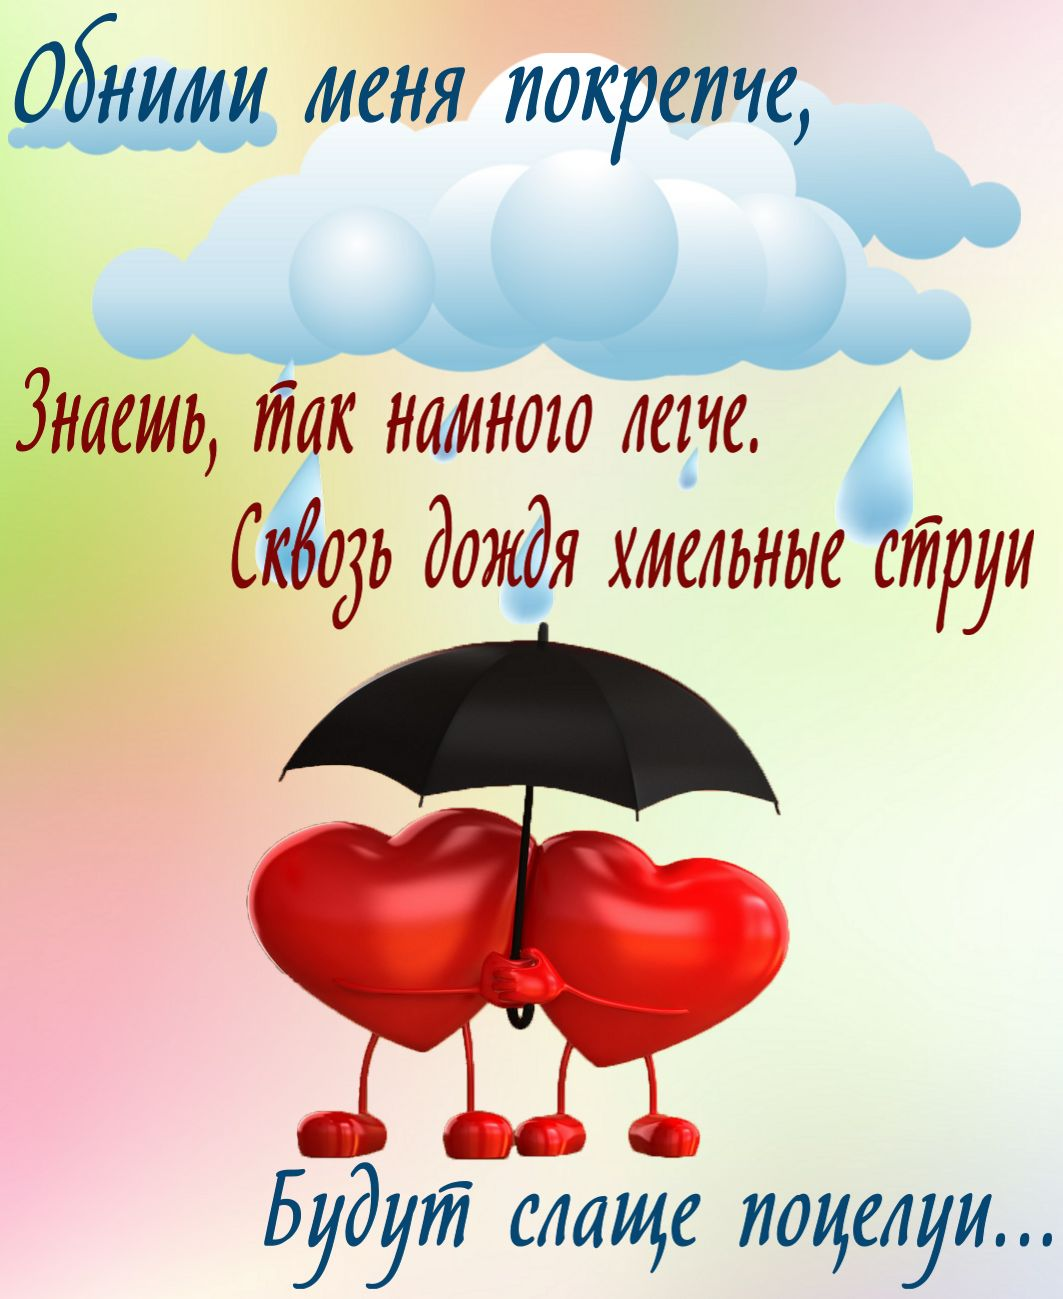 Открытка - два сердца с зонтиком под тучкой